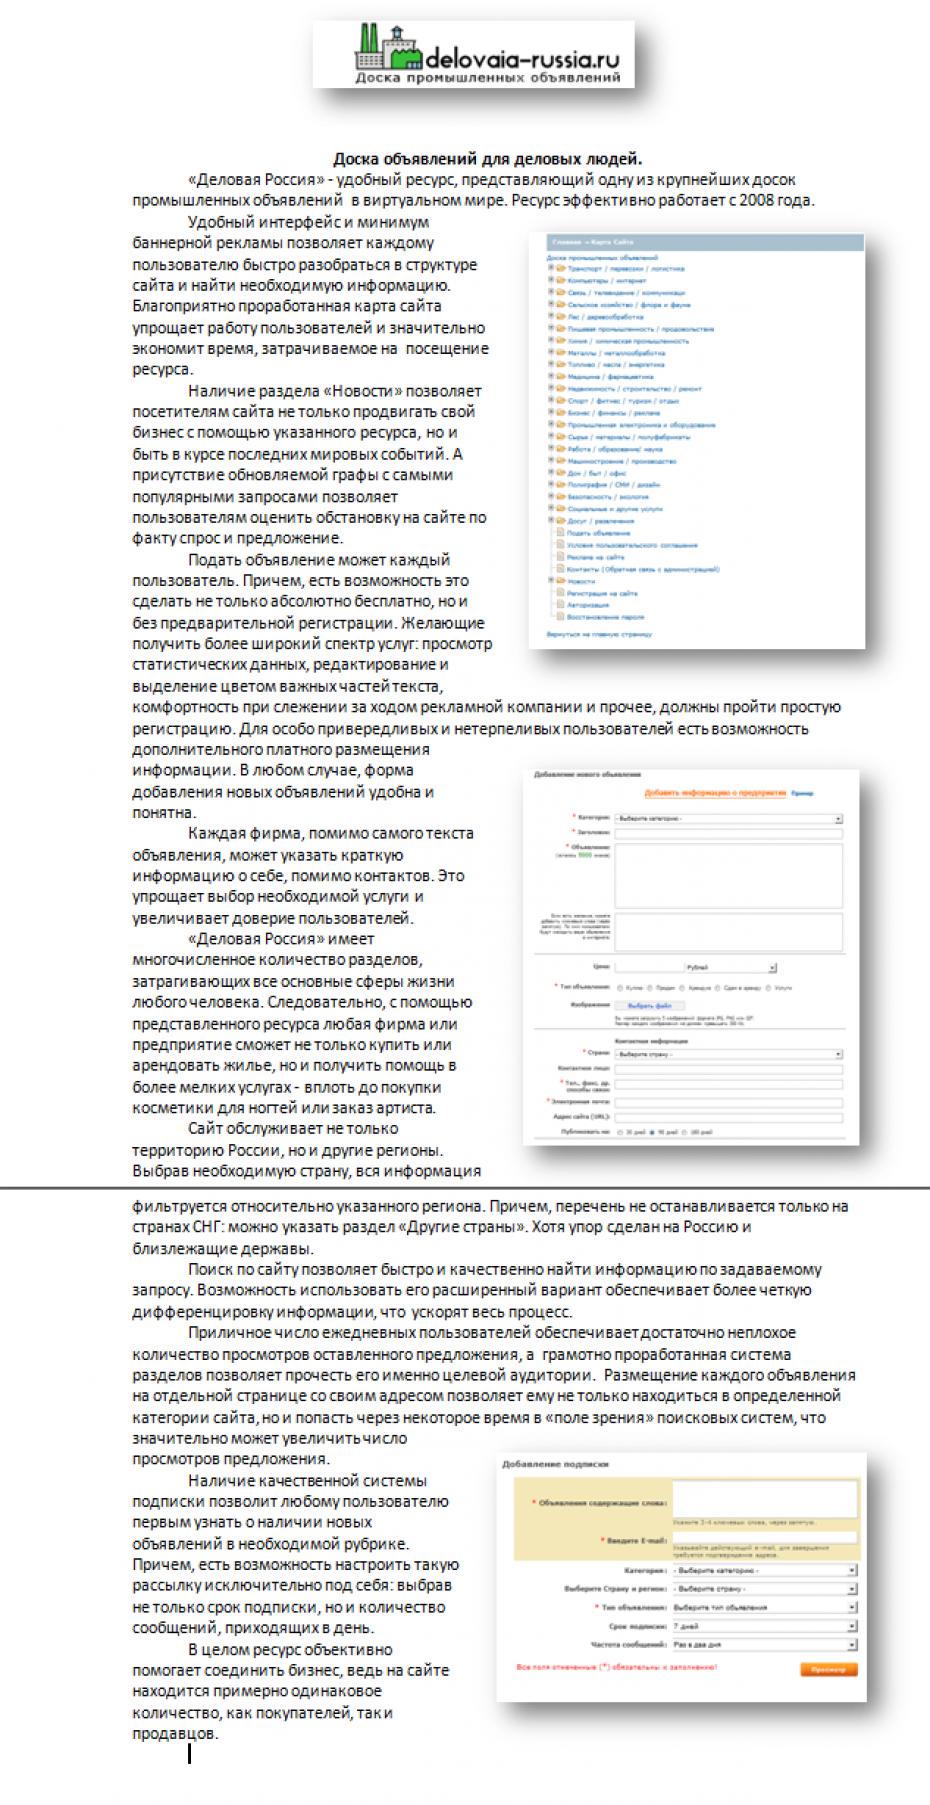 Копирайтинг на заказ: описание сайта для Википедии